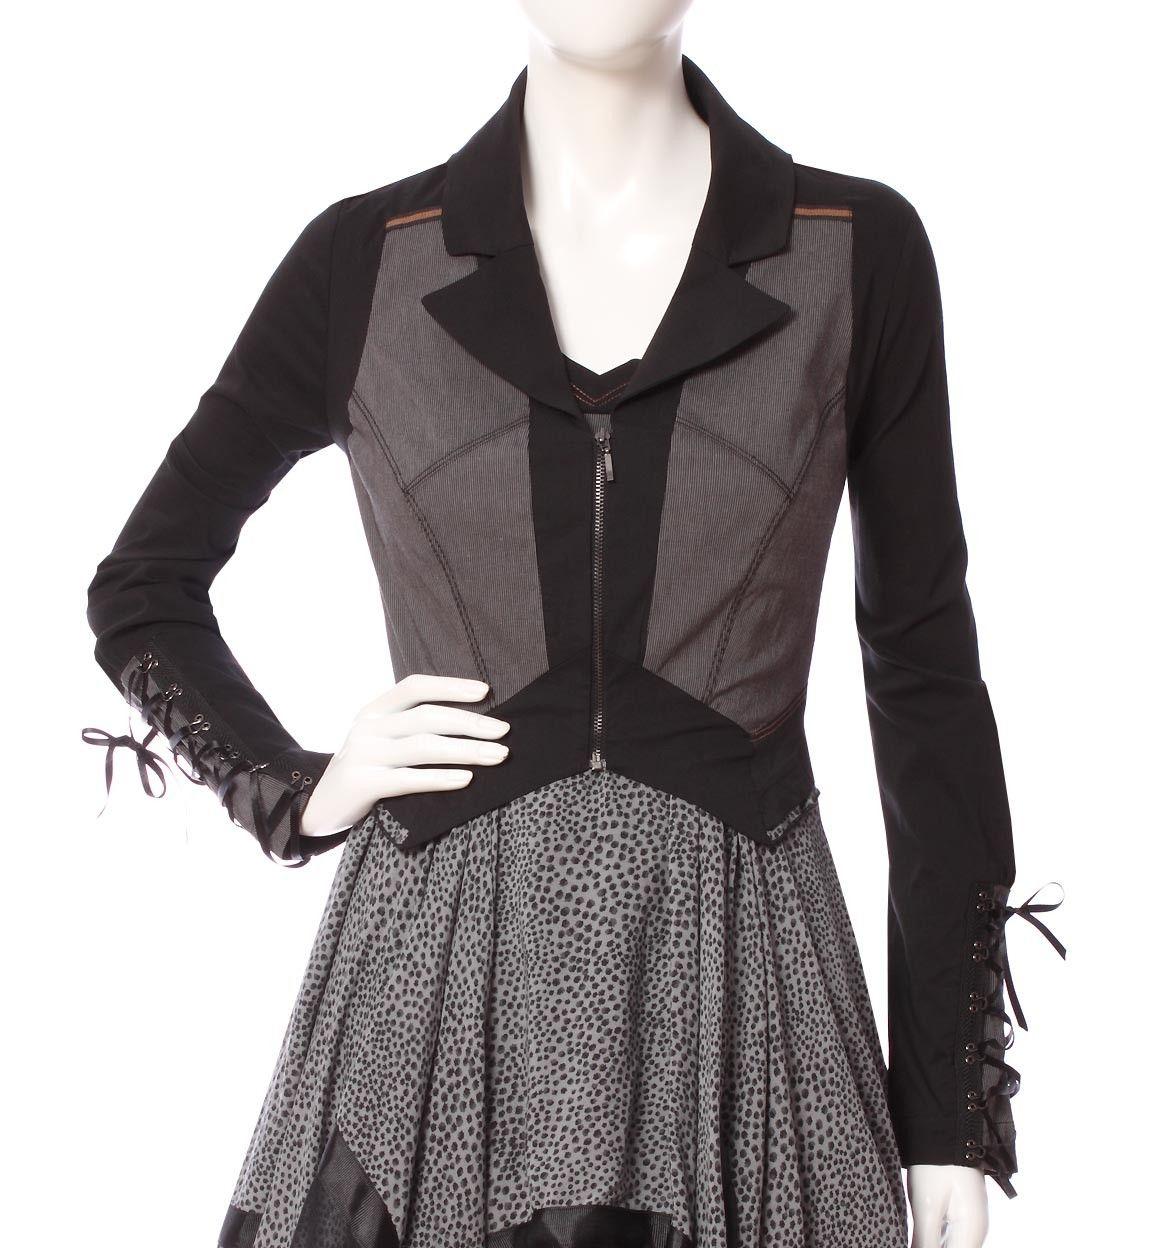 jacket cabaret lmv la mode est vous collection fall winter 2012 pinterest lmv. Black Bedroom Furniture Sets. Home Design Ideas